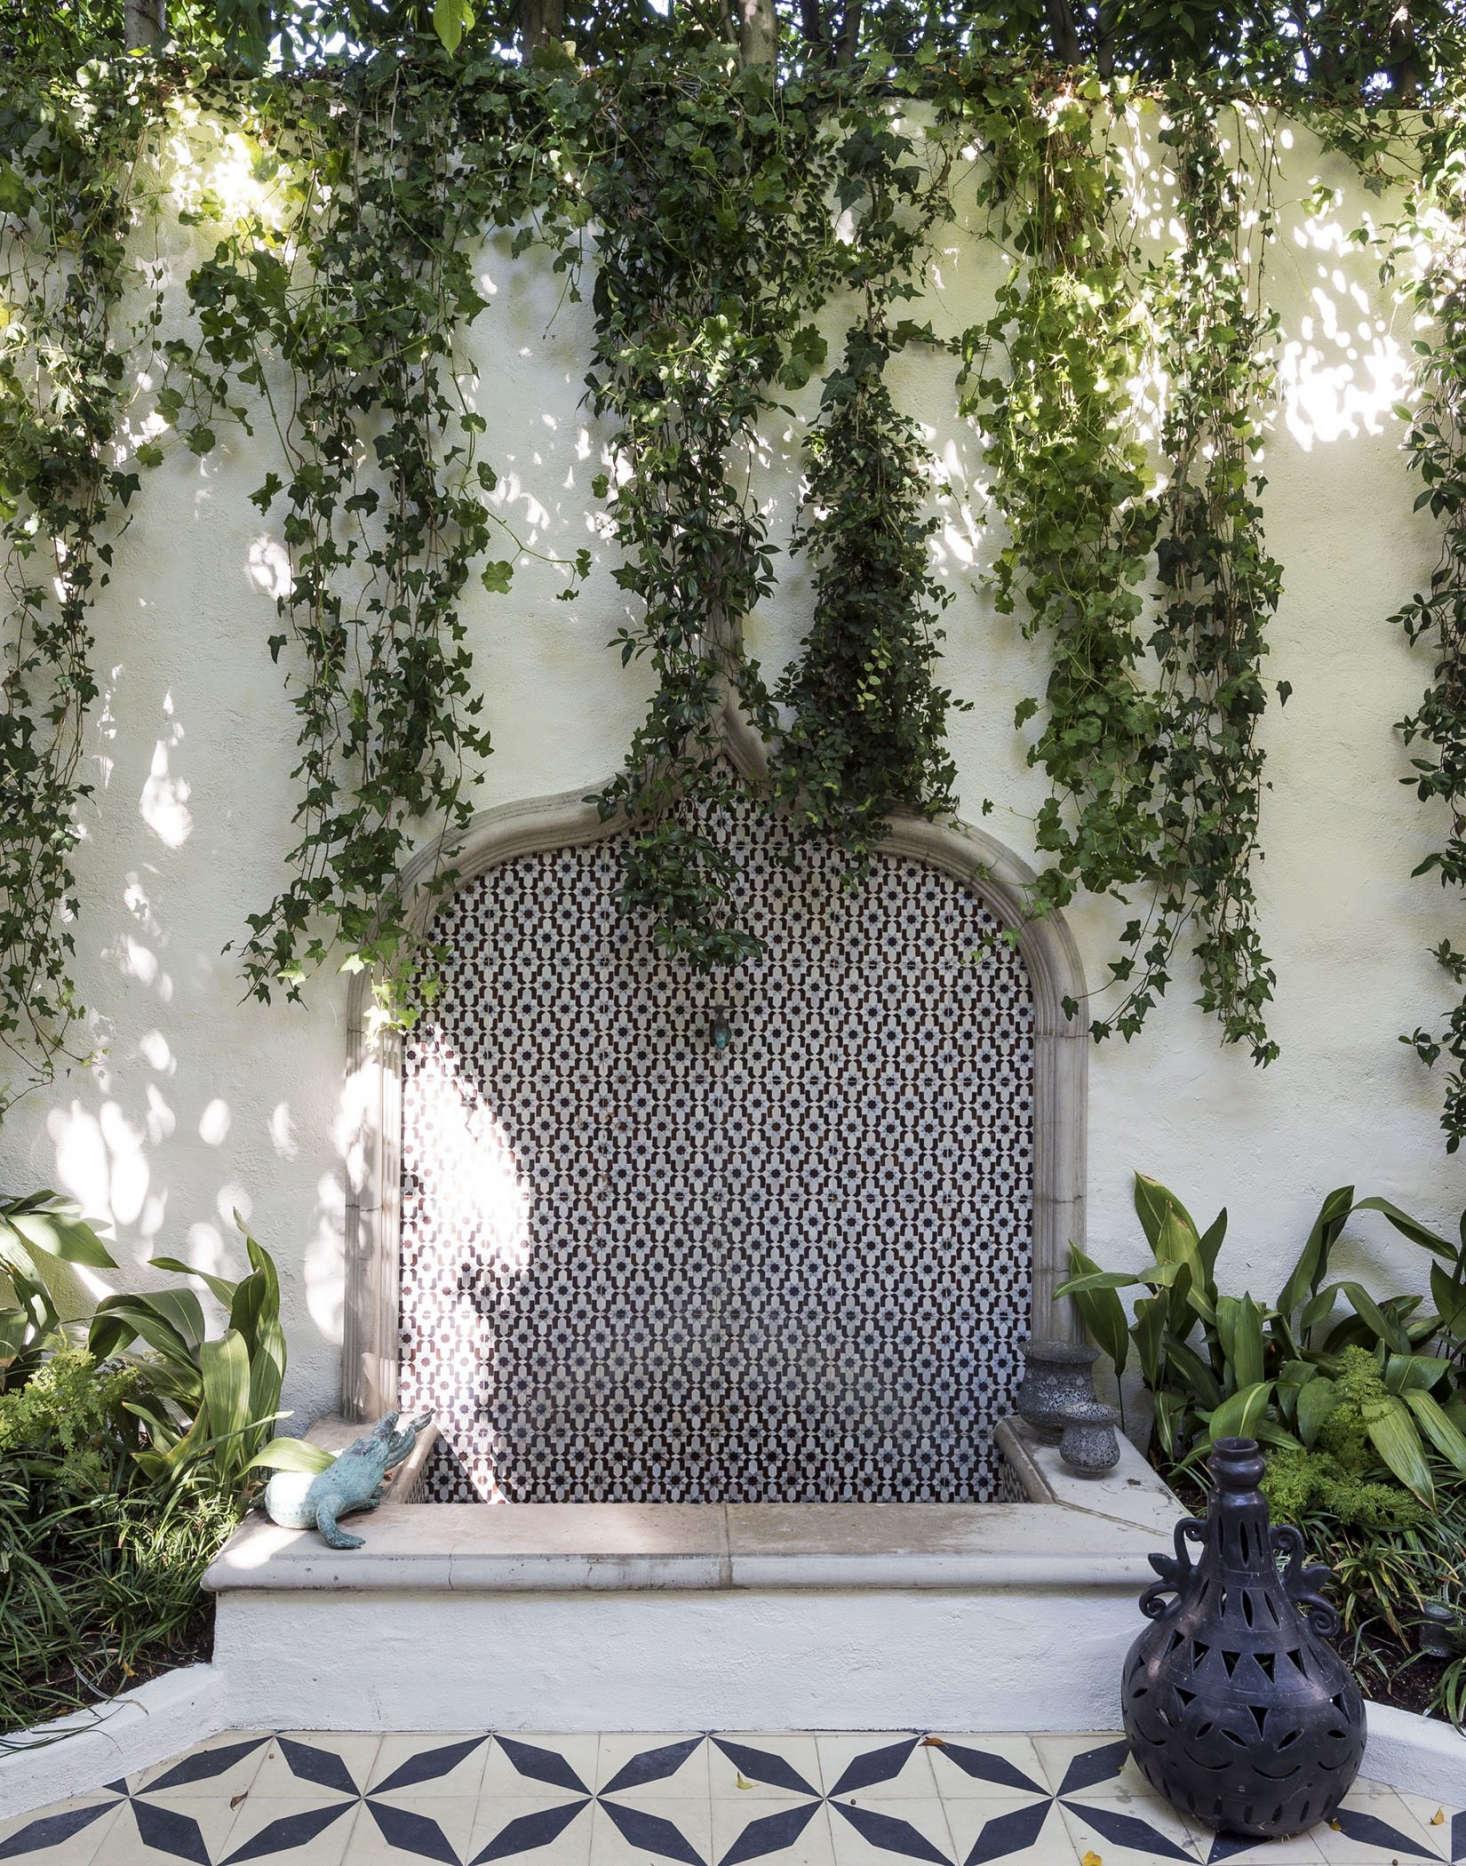 在圣何塞的设计师和乔治西里的主子,一起,在一起,在埃及的草坪上,他们在设计了一个小天使,设计了一个小的绿色革命